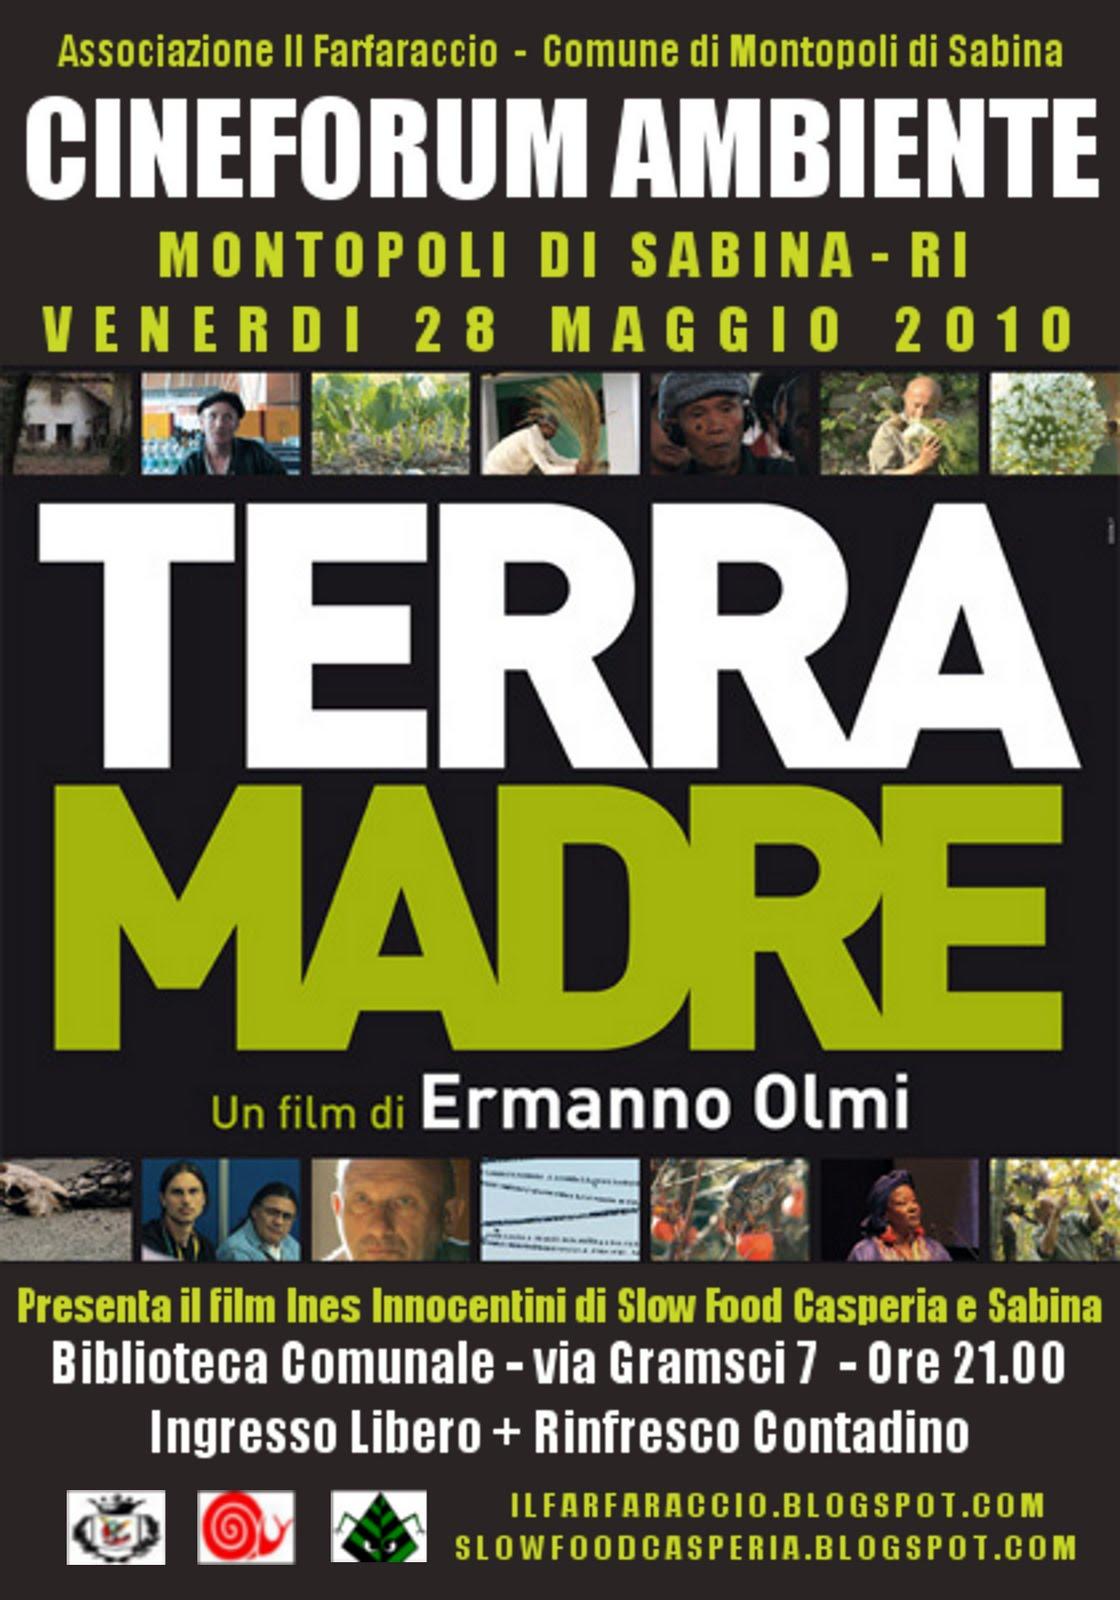 Comune Di Montopoli Di Sabina cineforum ambiente e terra madre